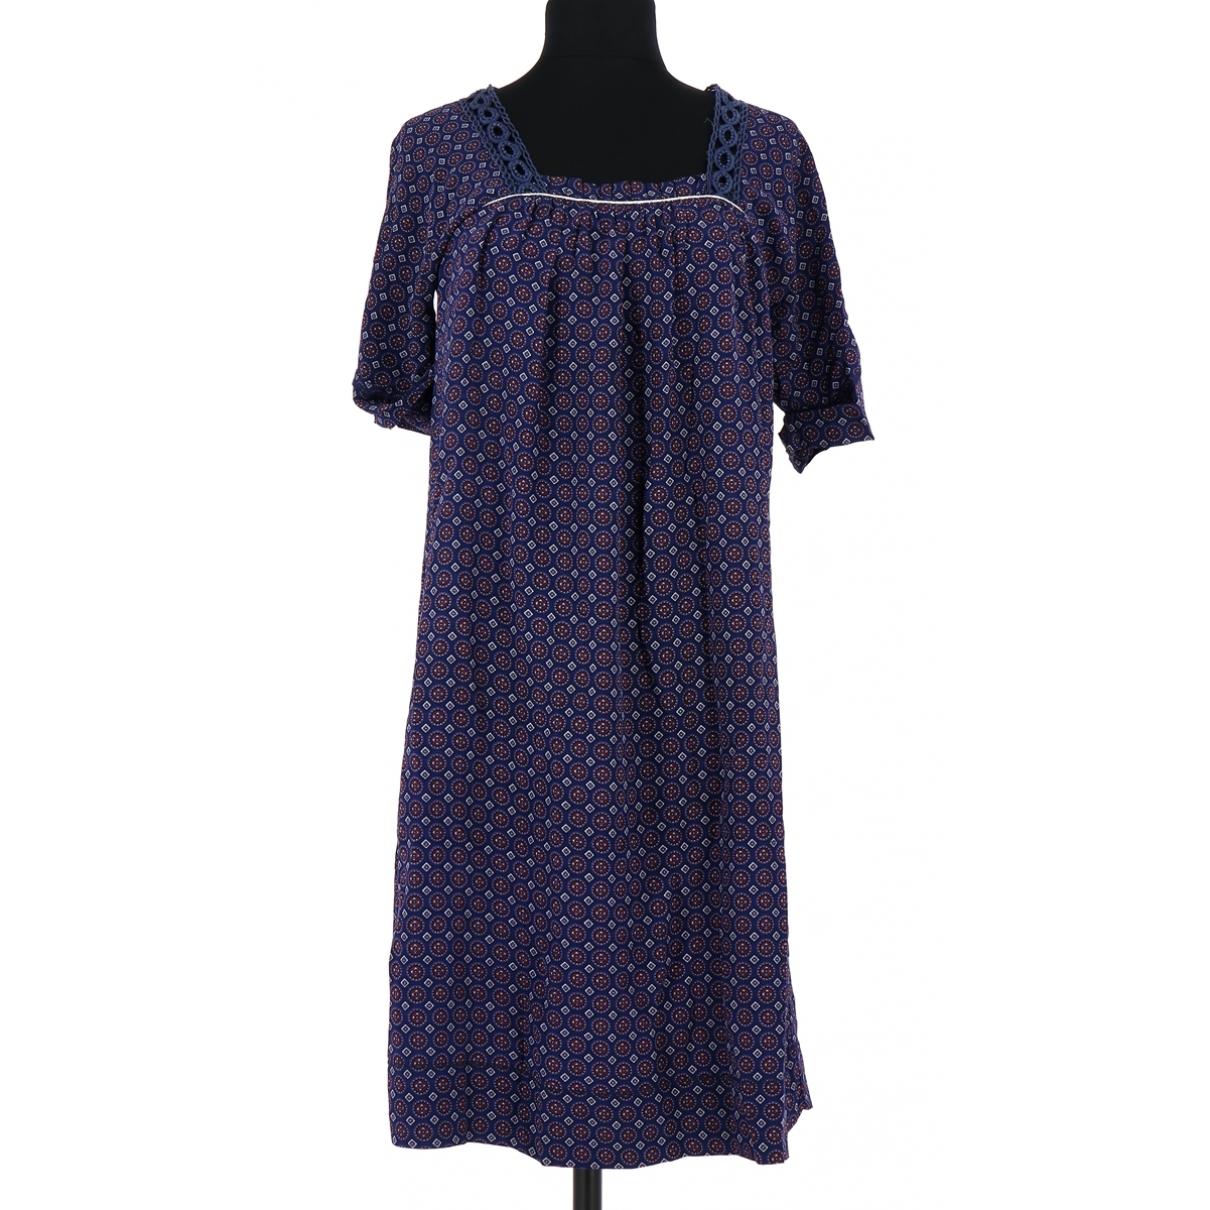 Sandro \N Kleid in  Lila Seide